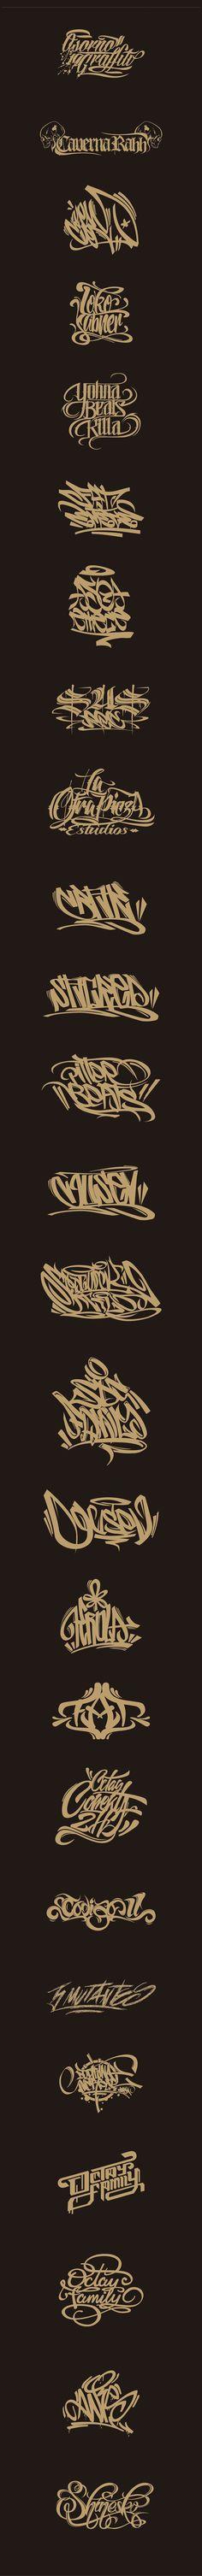 Lettering, Logos, Graffiti on Behance